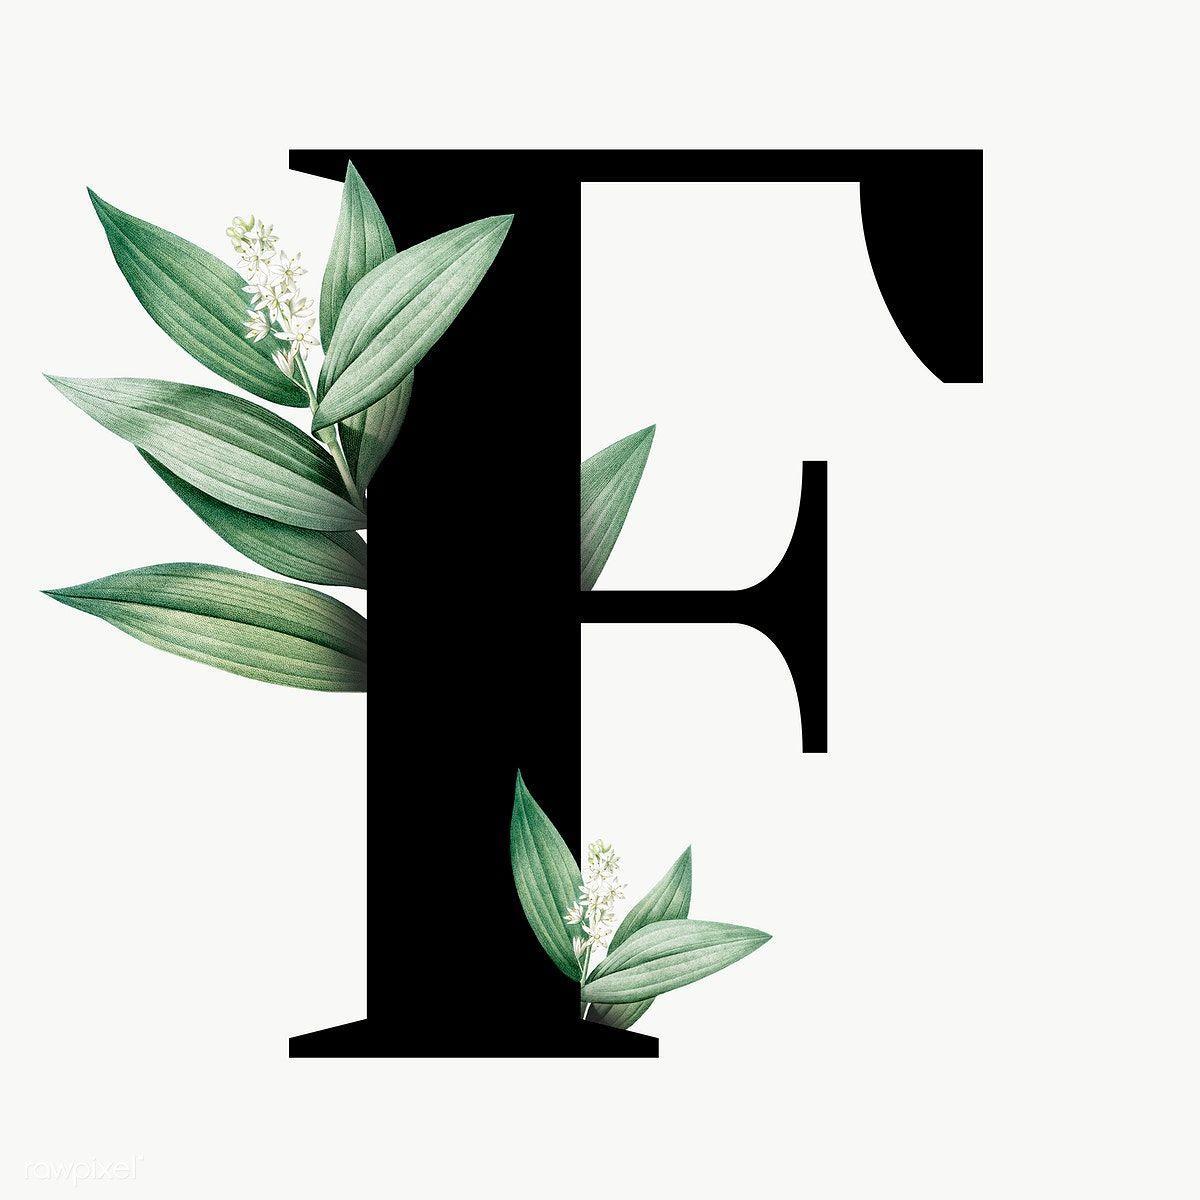 Botanical Capital Letter F Transparent Png Premium Image By Rawpixel Com Aum Graphic Design Fonts Letter F Alphabet Wallpaper